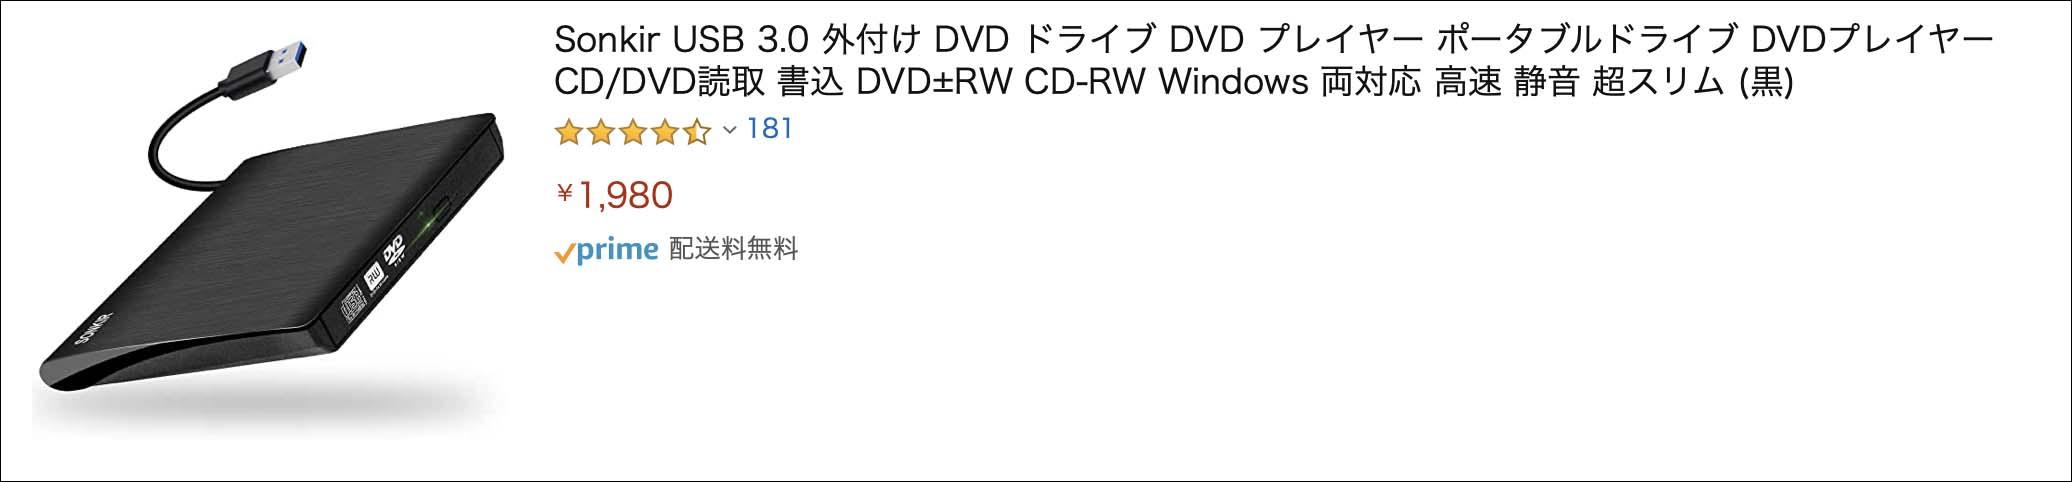 Sonkir外付けDVDドライブ(Amazon)